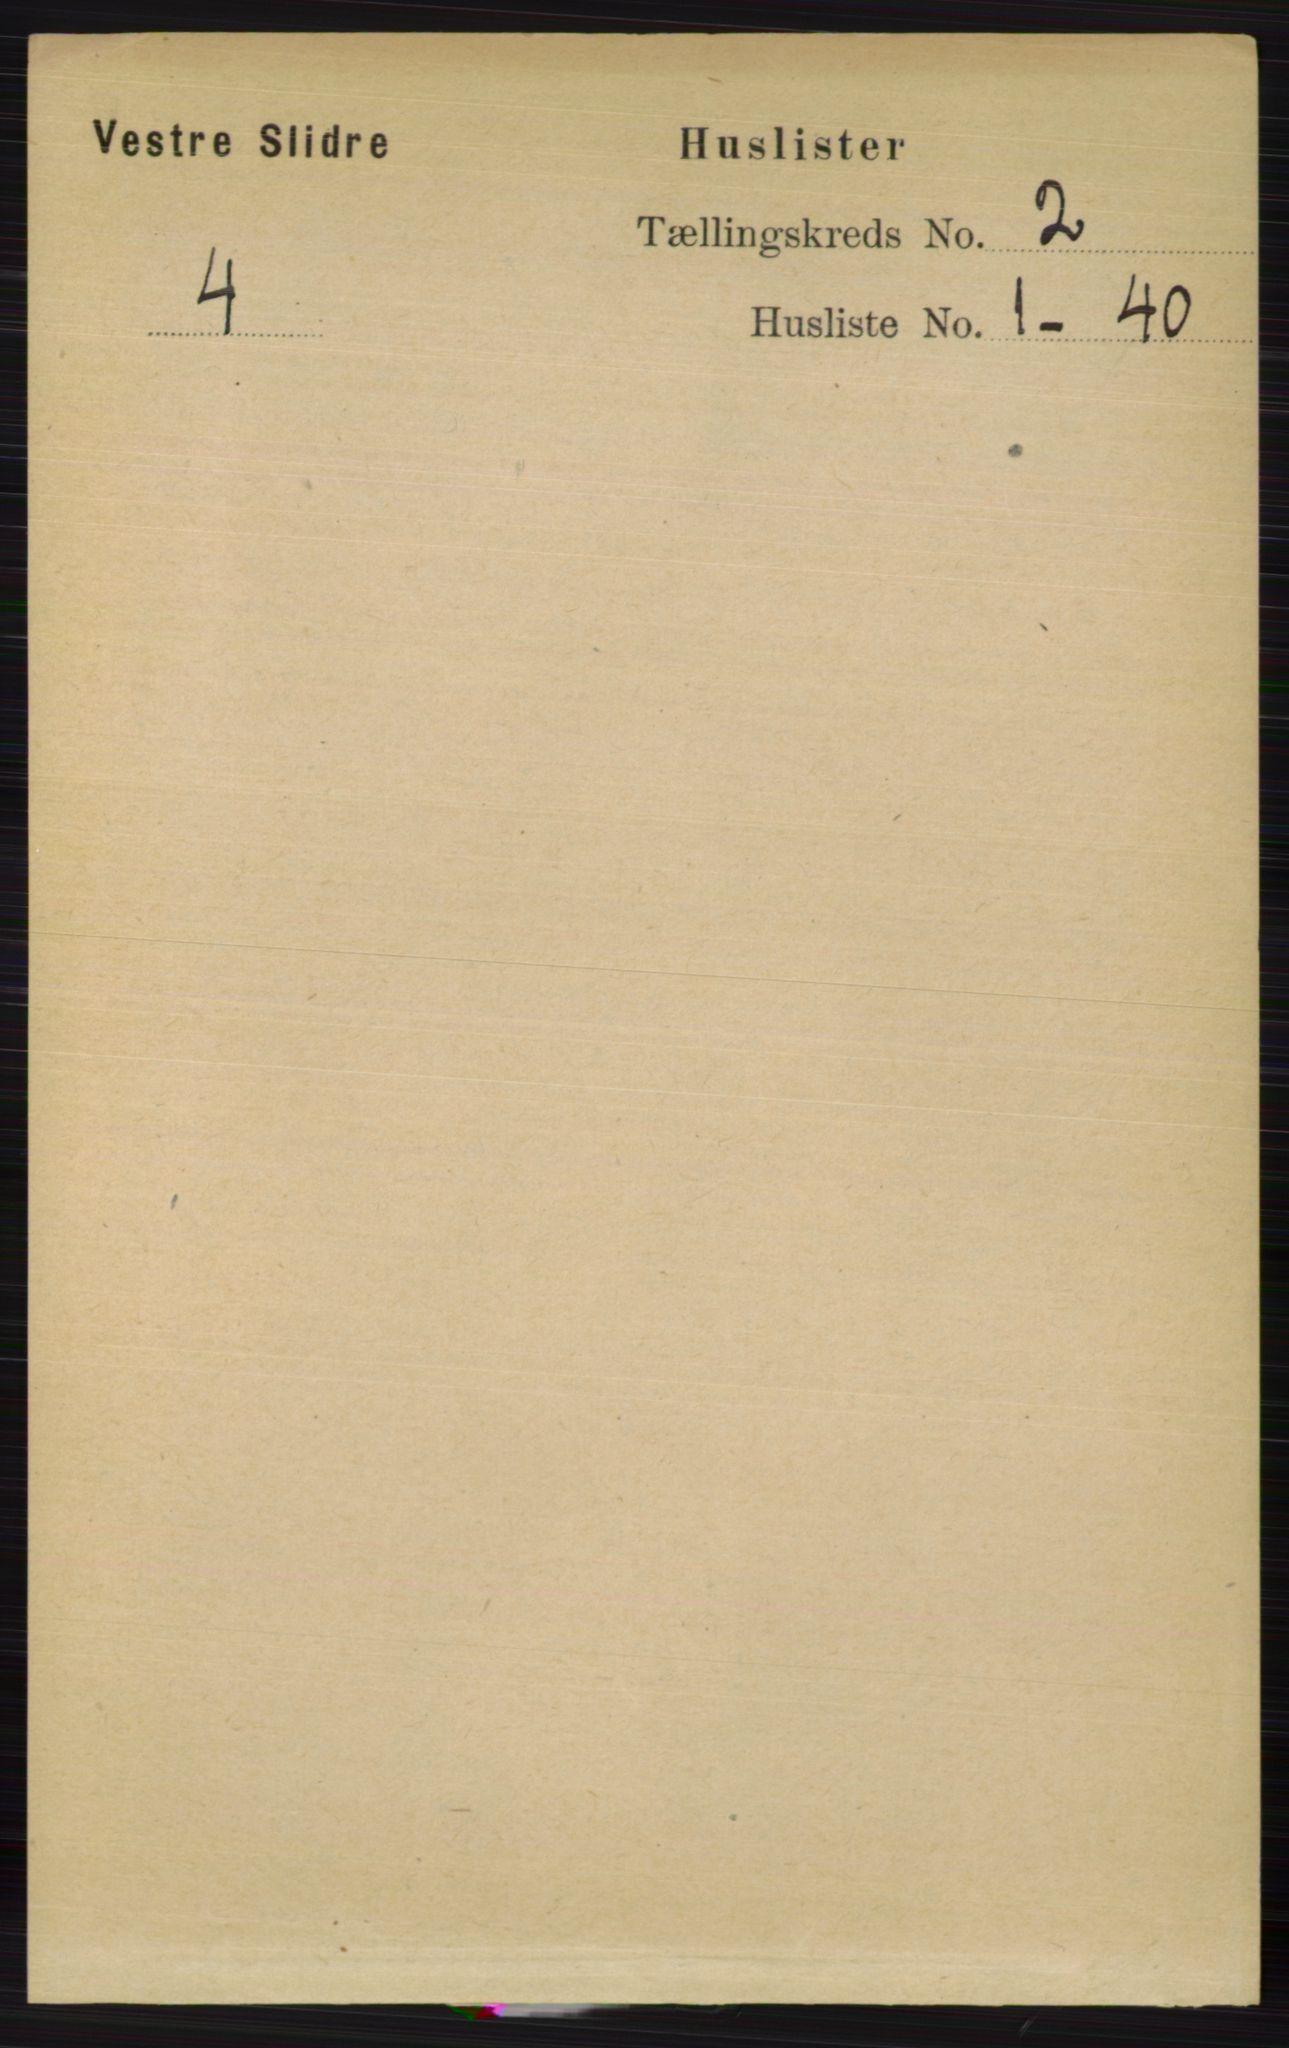 RA, Folketelling 1891 for 0543 Vestre Slidre herred, 1891, s. 458